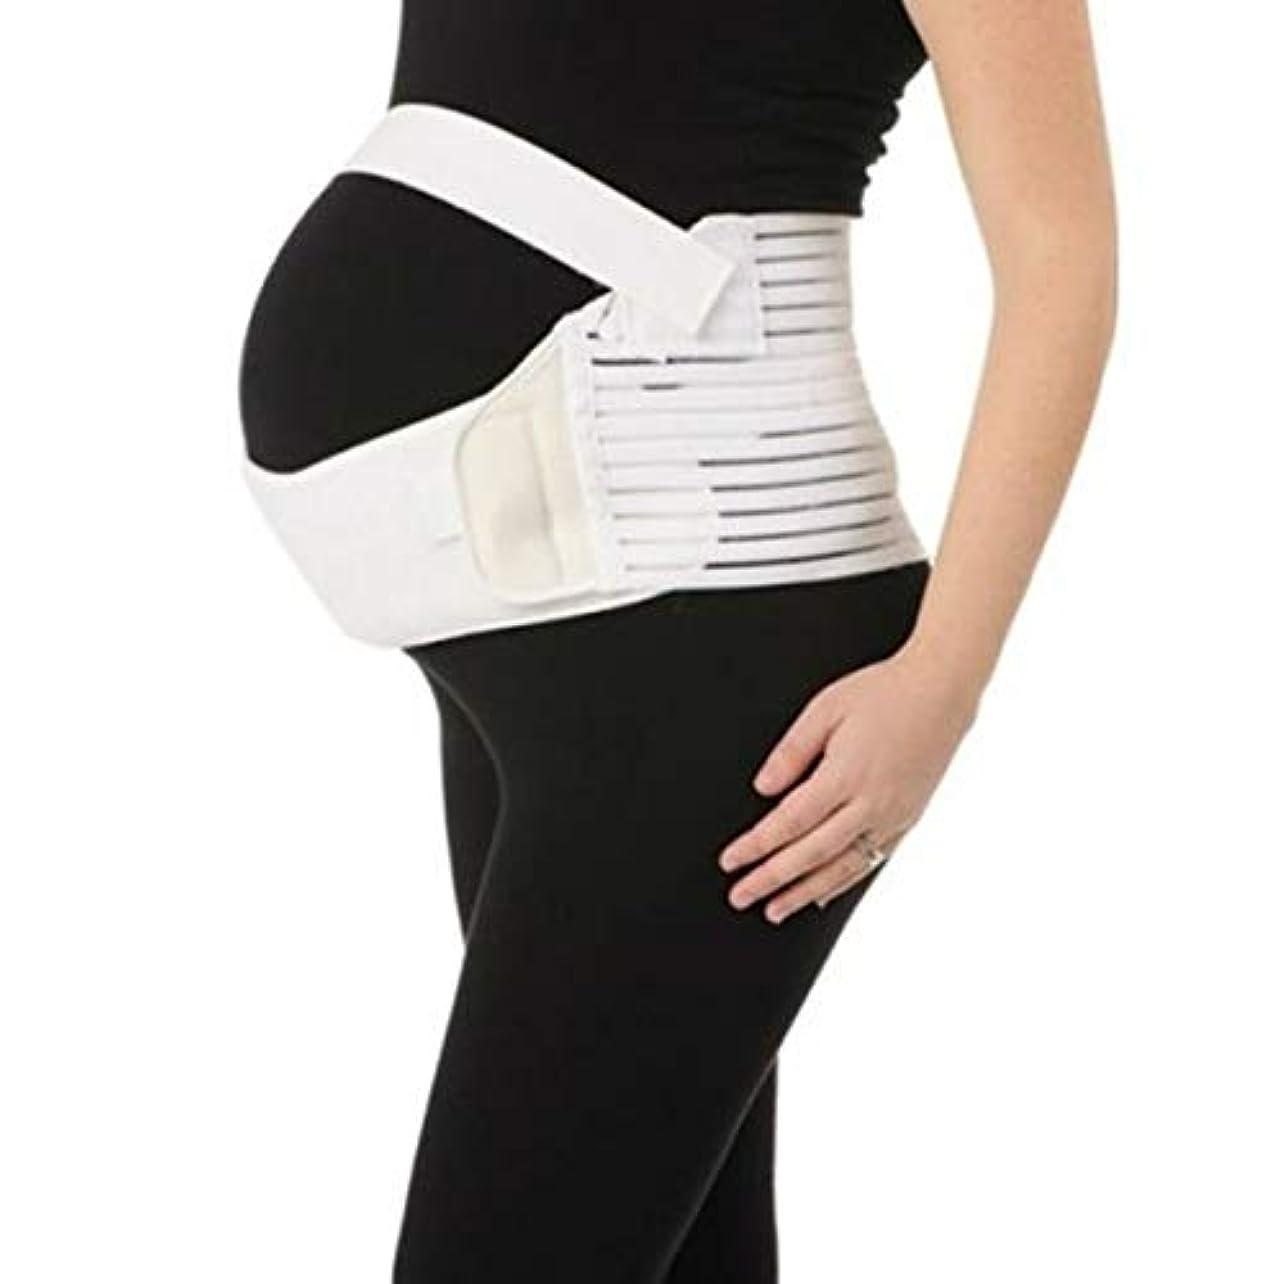 ホーンバスルームチャンバー通気性マタニティベルト妊娠腹部サポート腹部バインダーガードル運動包帯産後回復形状ウェア - ホワイトXL